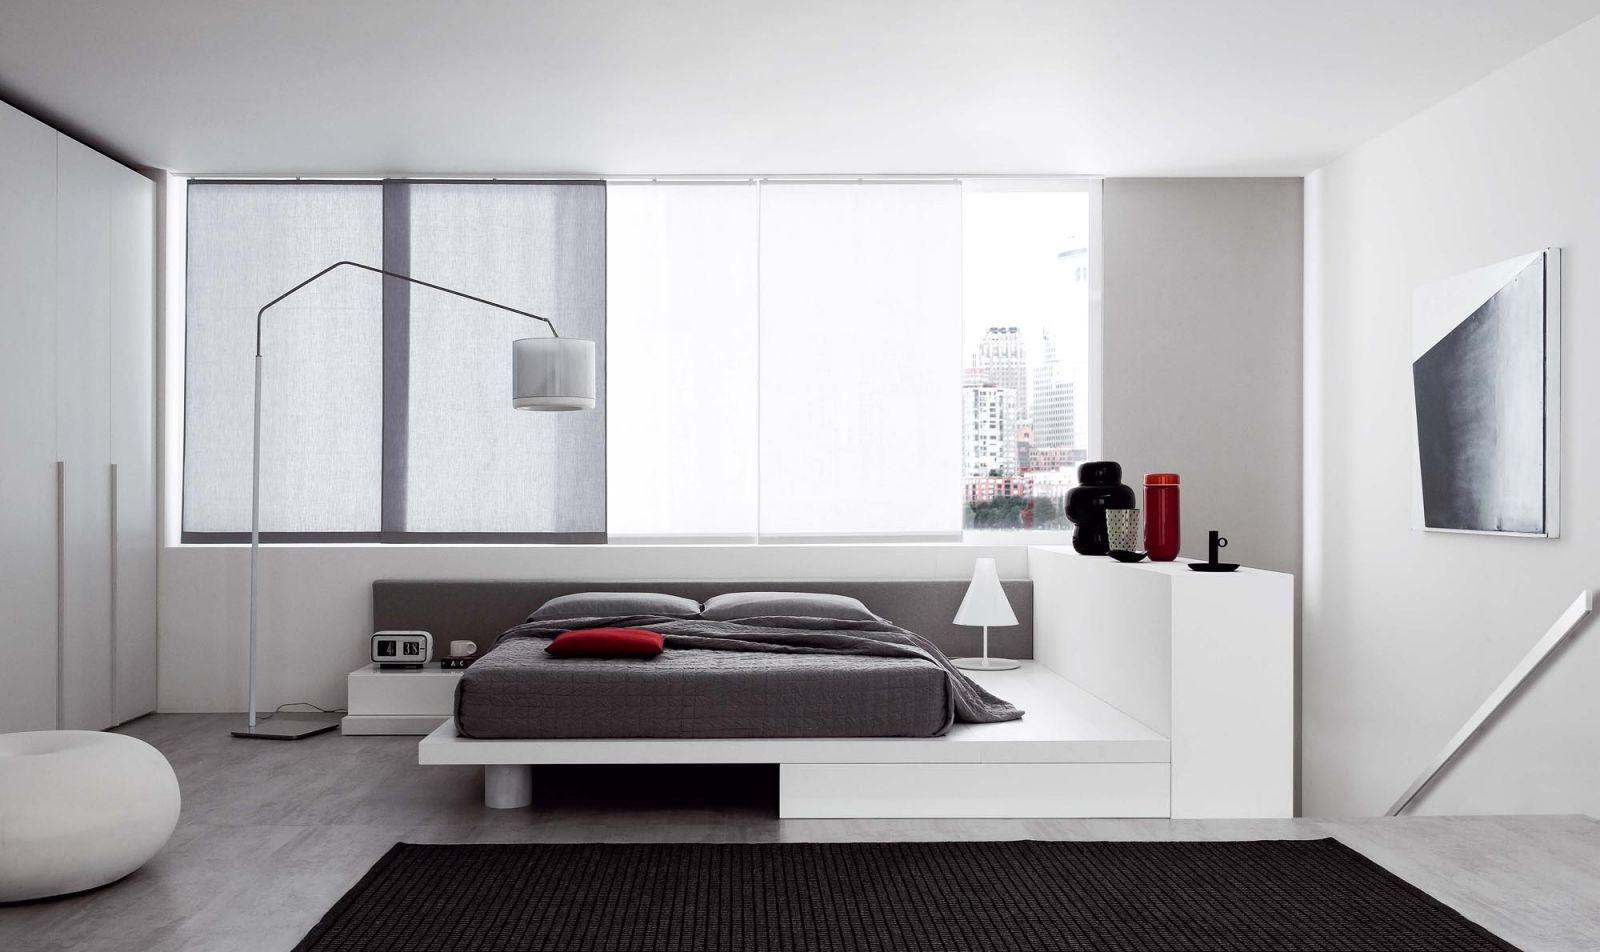 Camere da letto catania.camere da letto moderne a caltagirone vitalyty gruppo colombini. Zona Notte Abitare Srl